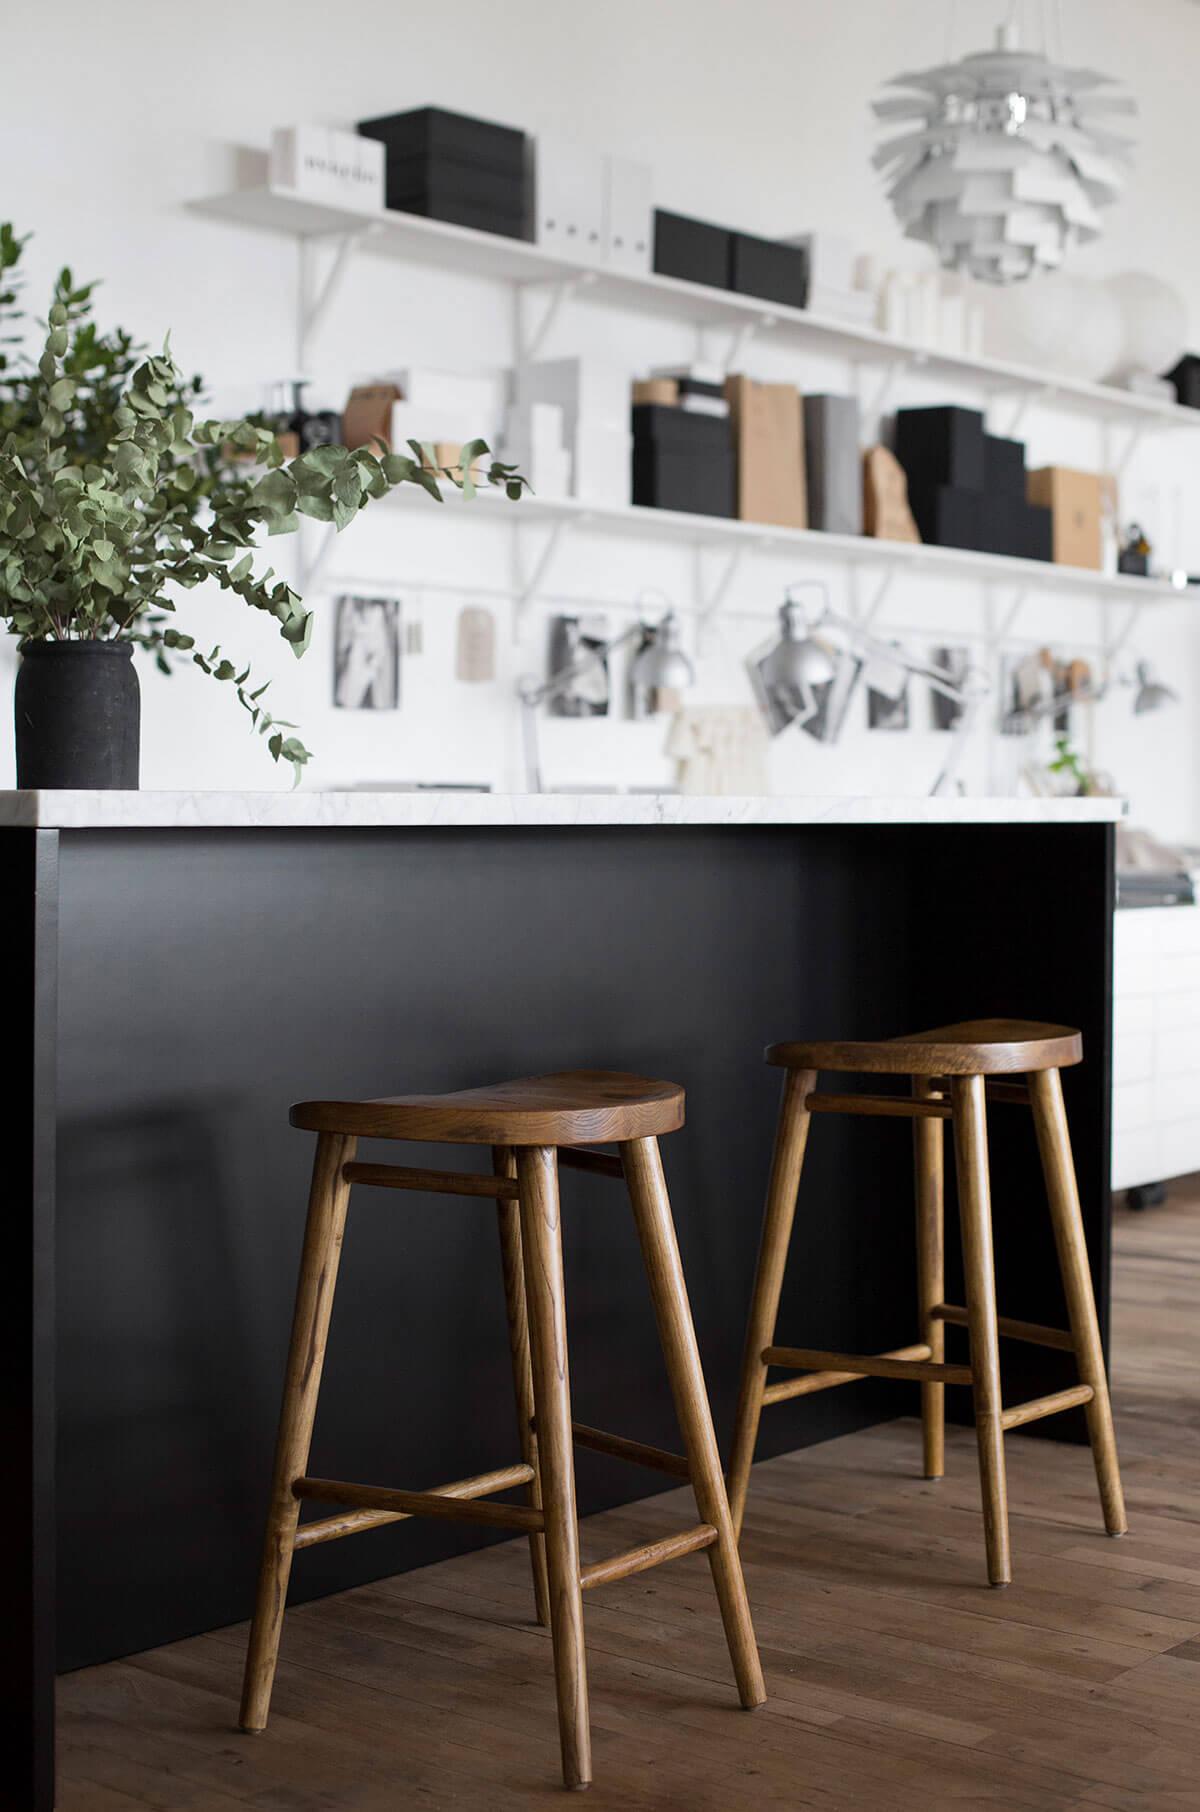 cuisine-scandinave-nordique-look-noir-blanc-FrenchyFancy-3